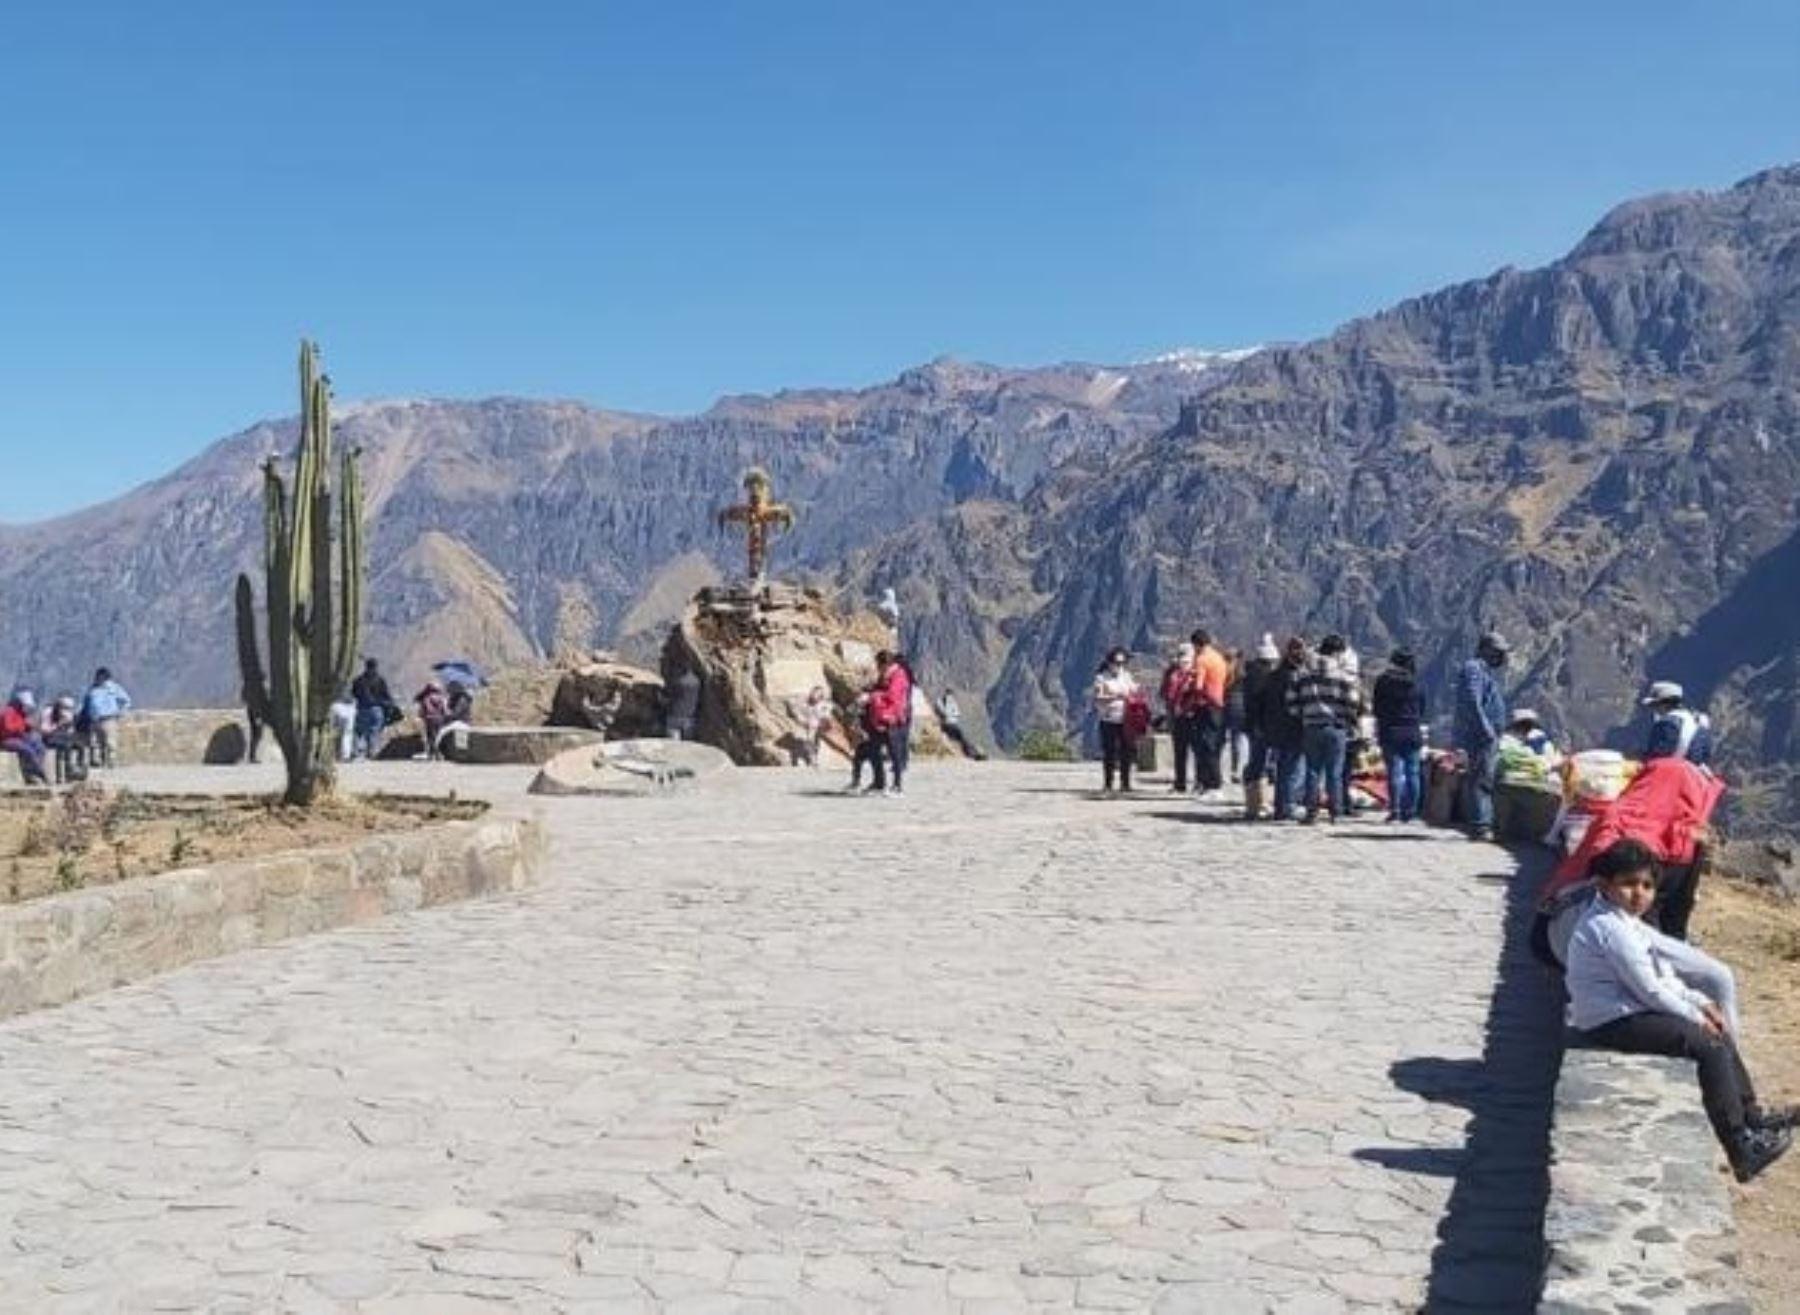 El valle del Colca, en Arequipa se pone de moda y es el destino favorito de los turistas.